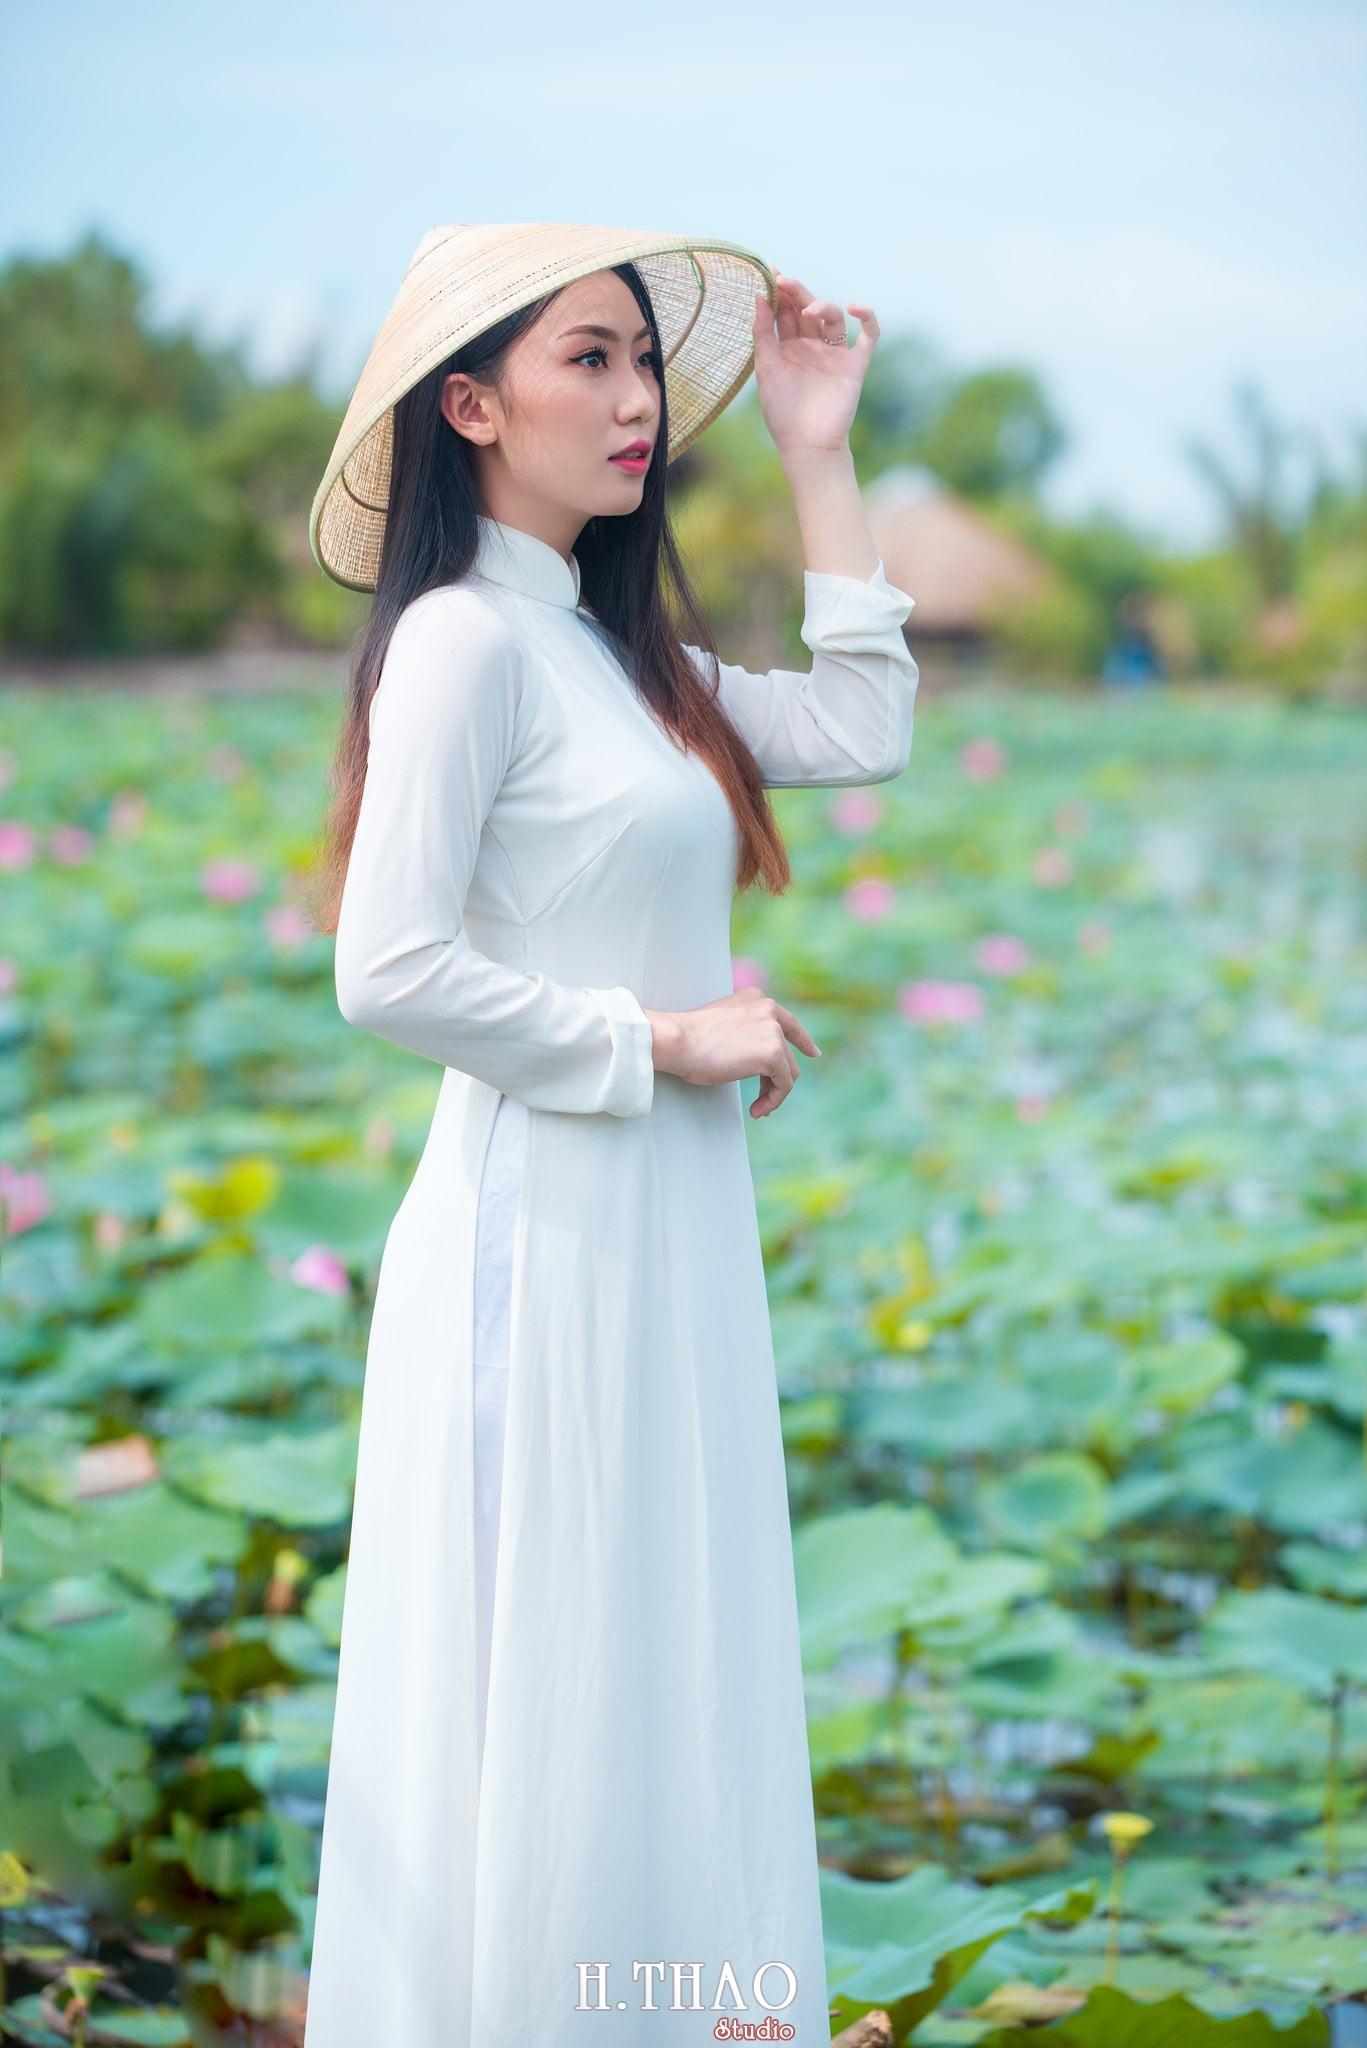 Chup hinh hoa sen 6 - Góc ảnh thiếu nữ bên hoa sen tam đa quận 9 tuyệt đẹp - HThao Studio